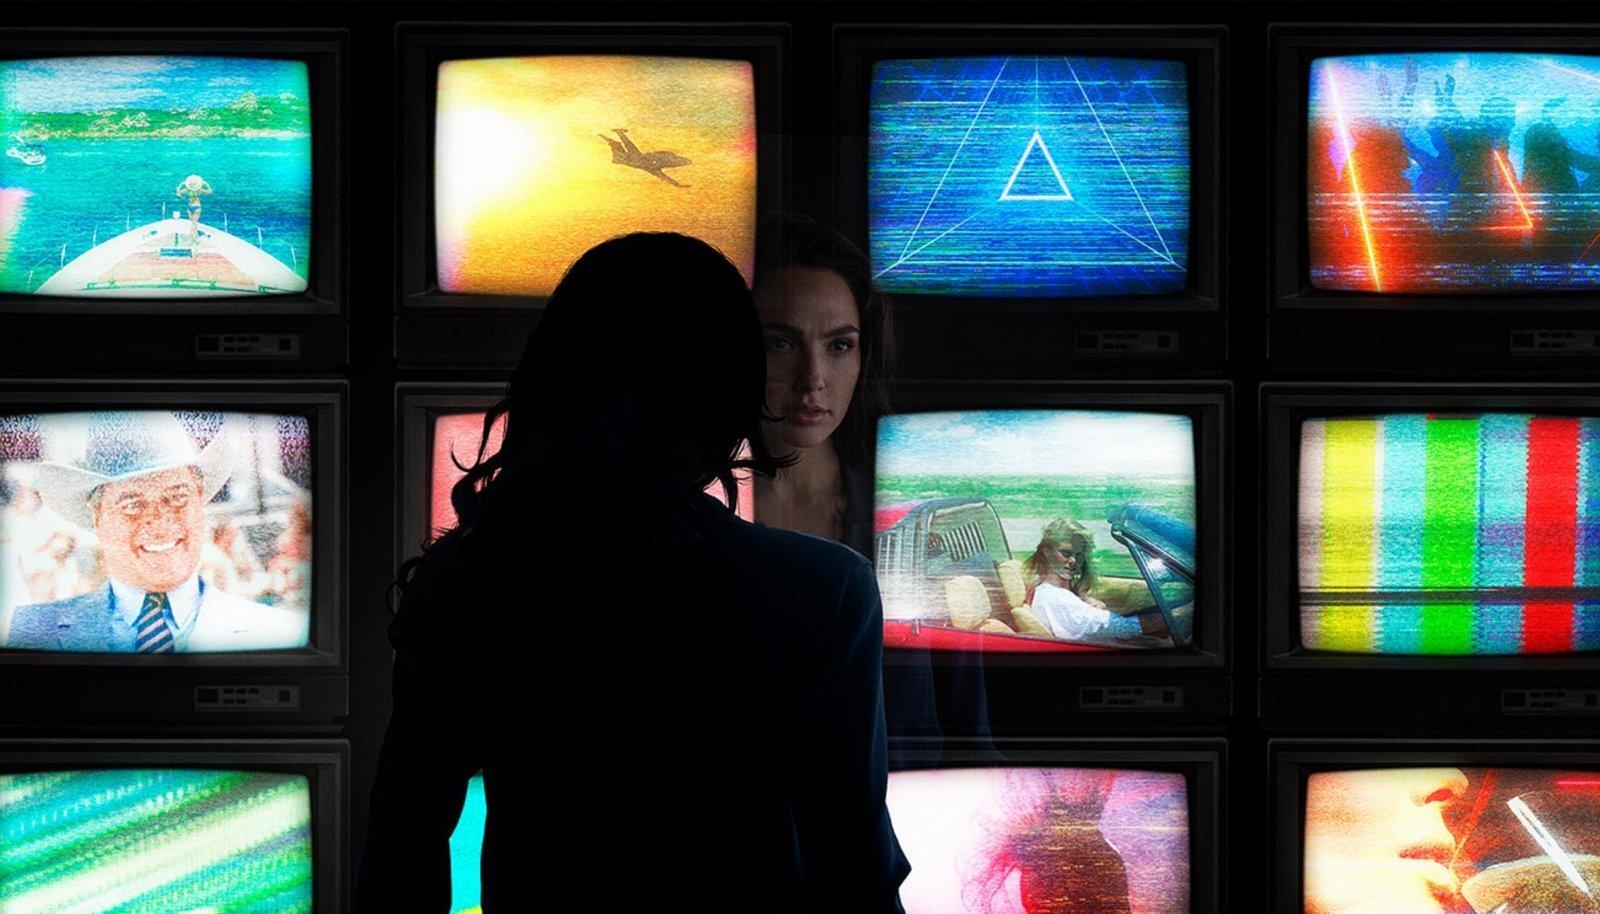 """ESIMENE PÄÄSUKE: Sel nädalal Eesti kinodeski esilinastuv """"Wonder Woman 1984"""" (nimiosas Gal Gadot, pildil) on Warner Media esimene film, mis jõuab USAs korraga nii kinodesse kui voogedastusplatvormile HBO Max."""